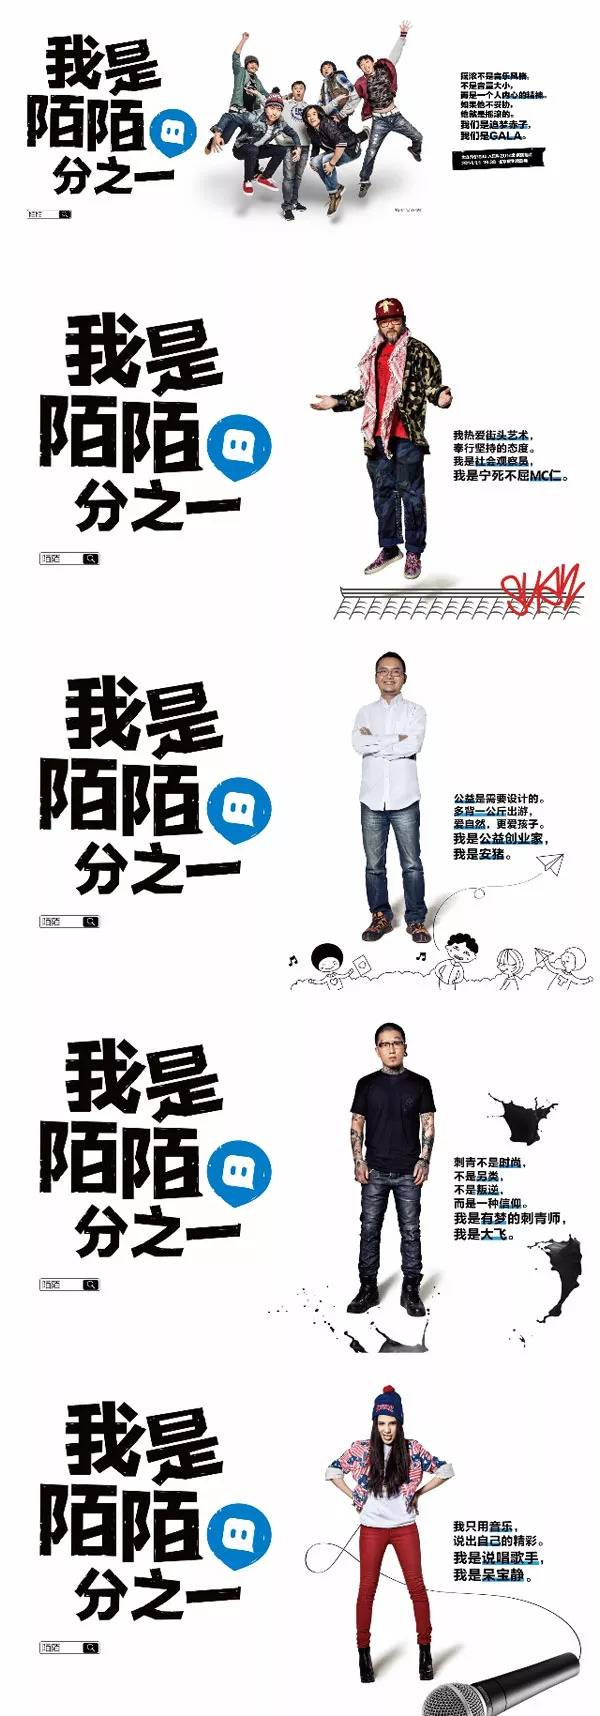 鸟哥笔记,广告营销,木木老贼,创意,文案,用户研究